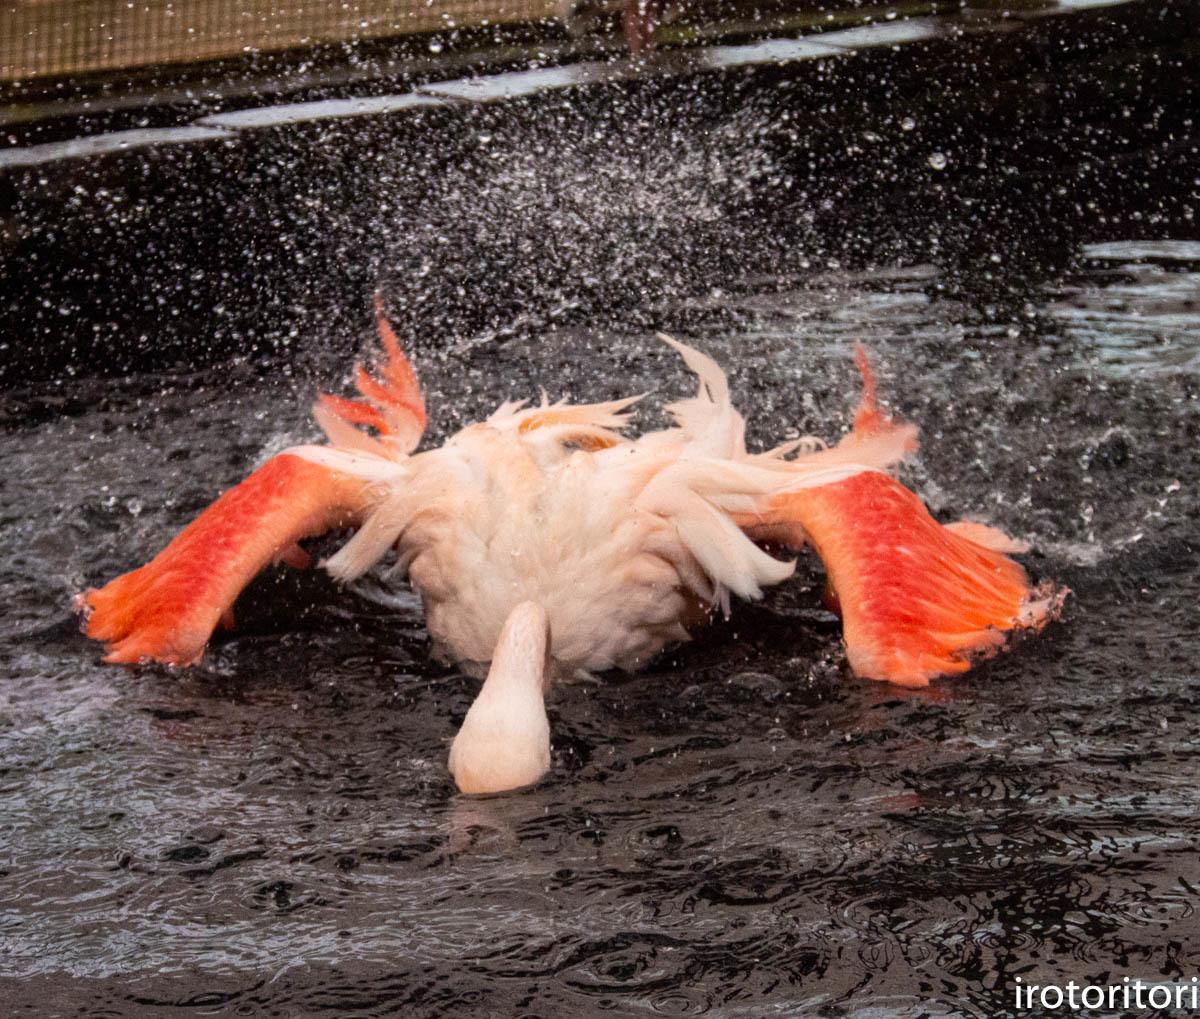 水浴び〜!!  (フラミンゴ)  2020/01/04  _d0146592_00015342.jpg